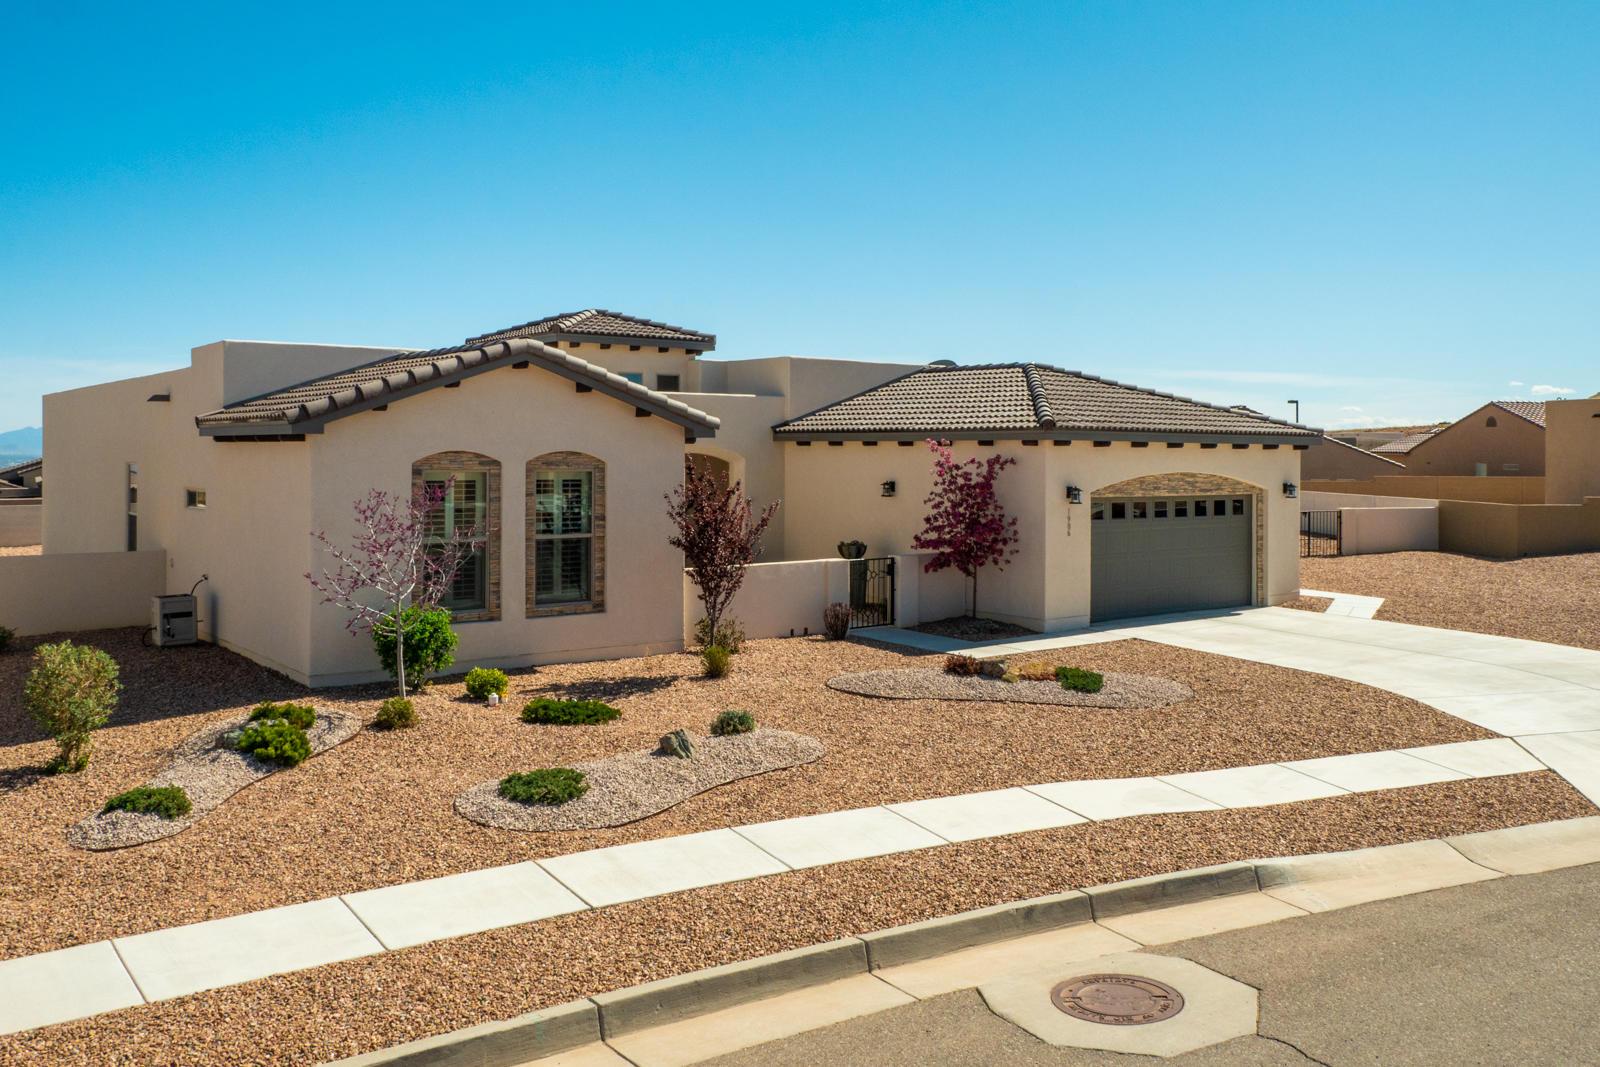 1986 CASTLE PEAK Loop NE, Rio Rancho, NM 87144 - Rio Rancho, NM real estate listing